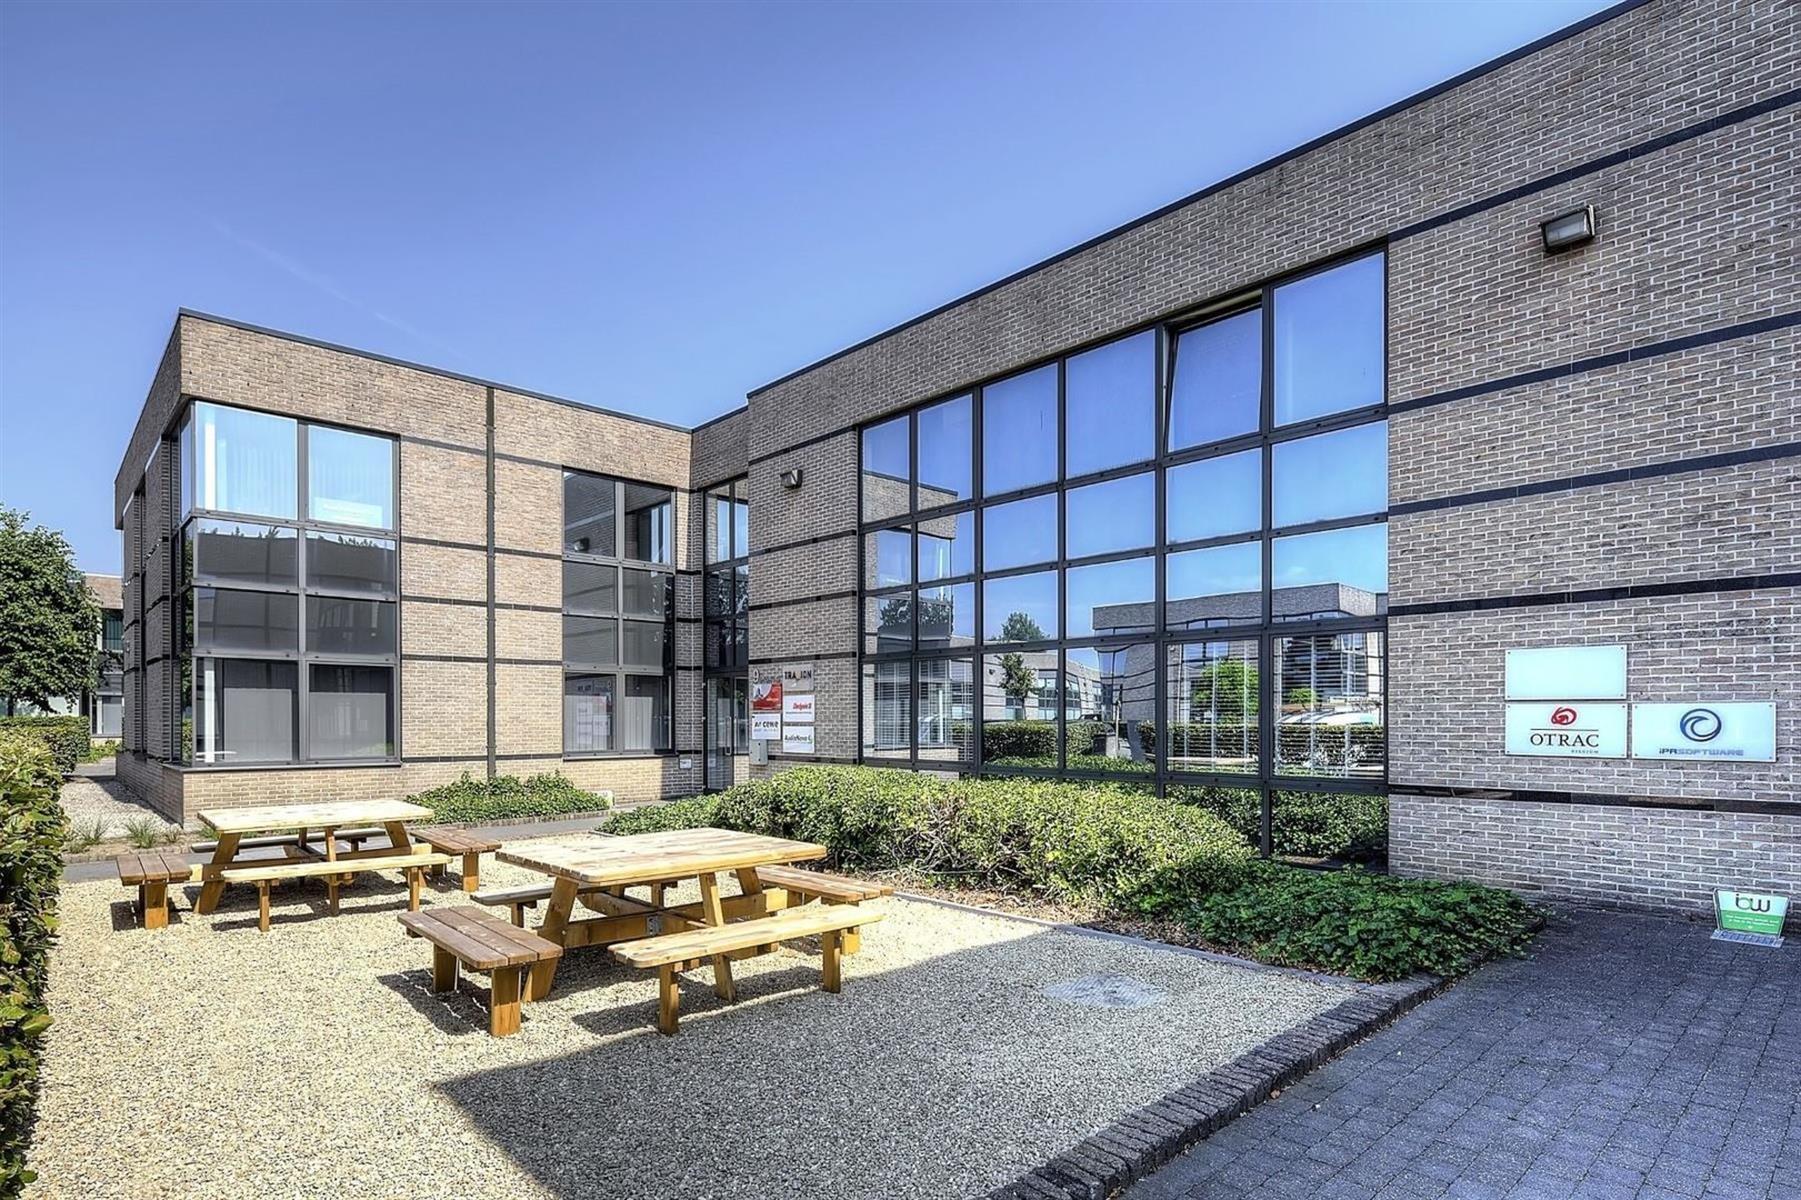 kantoor te huur I126 - Kantoor - Generaal de Wittelaan 17, 2800 Mechelen, België 3